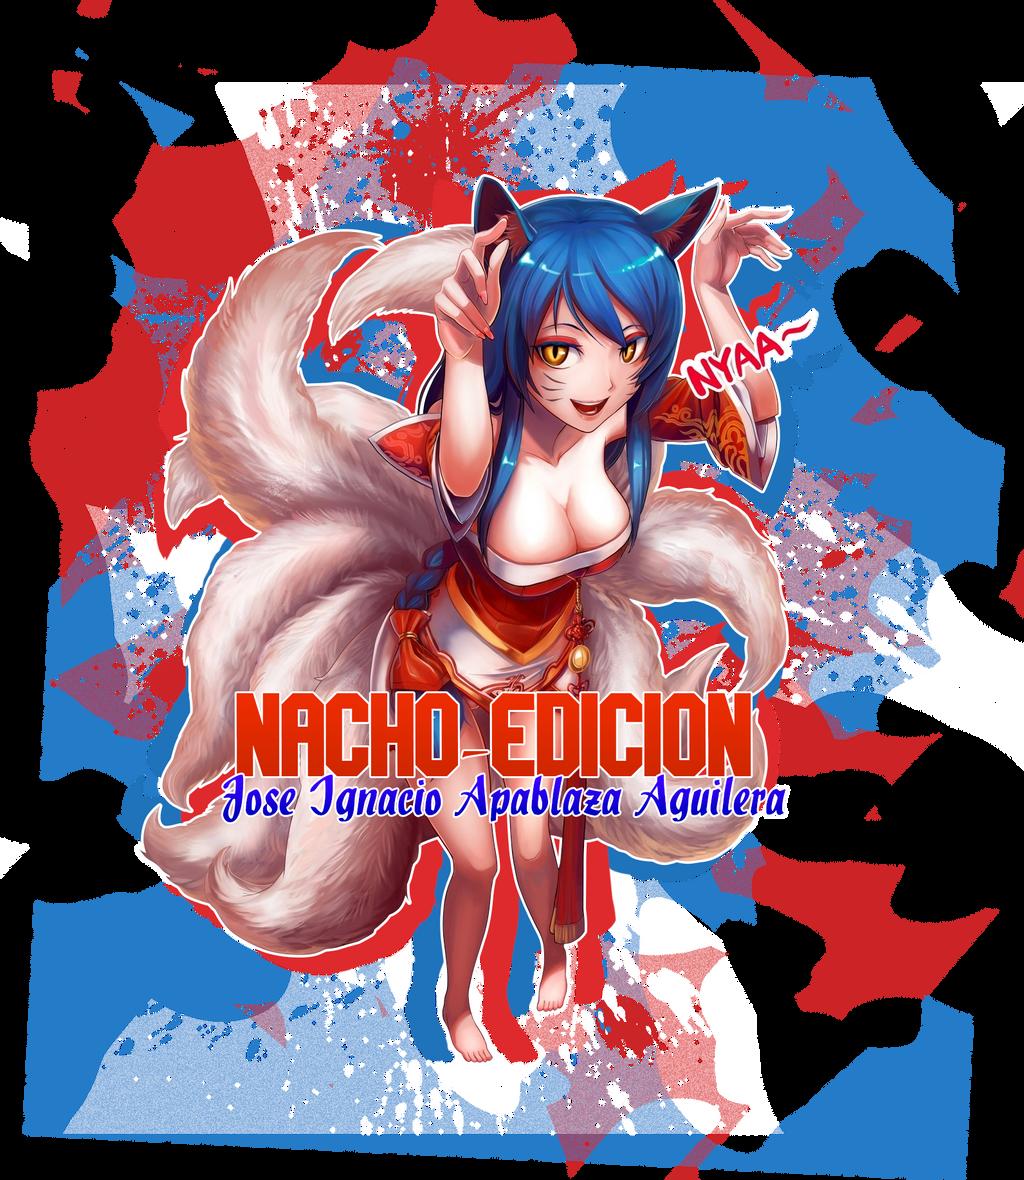 Nacho-Edicion's Profile Picture